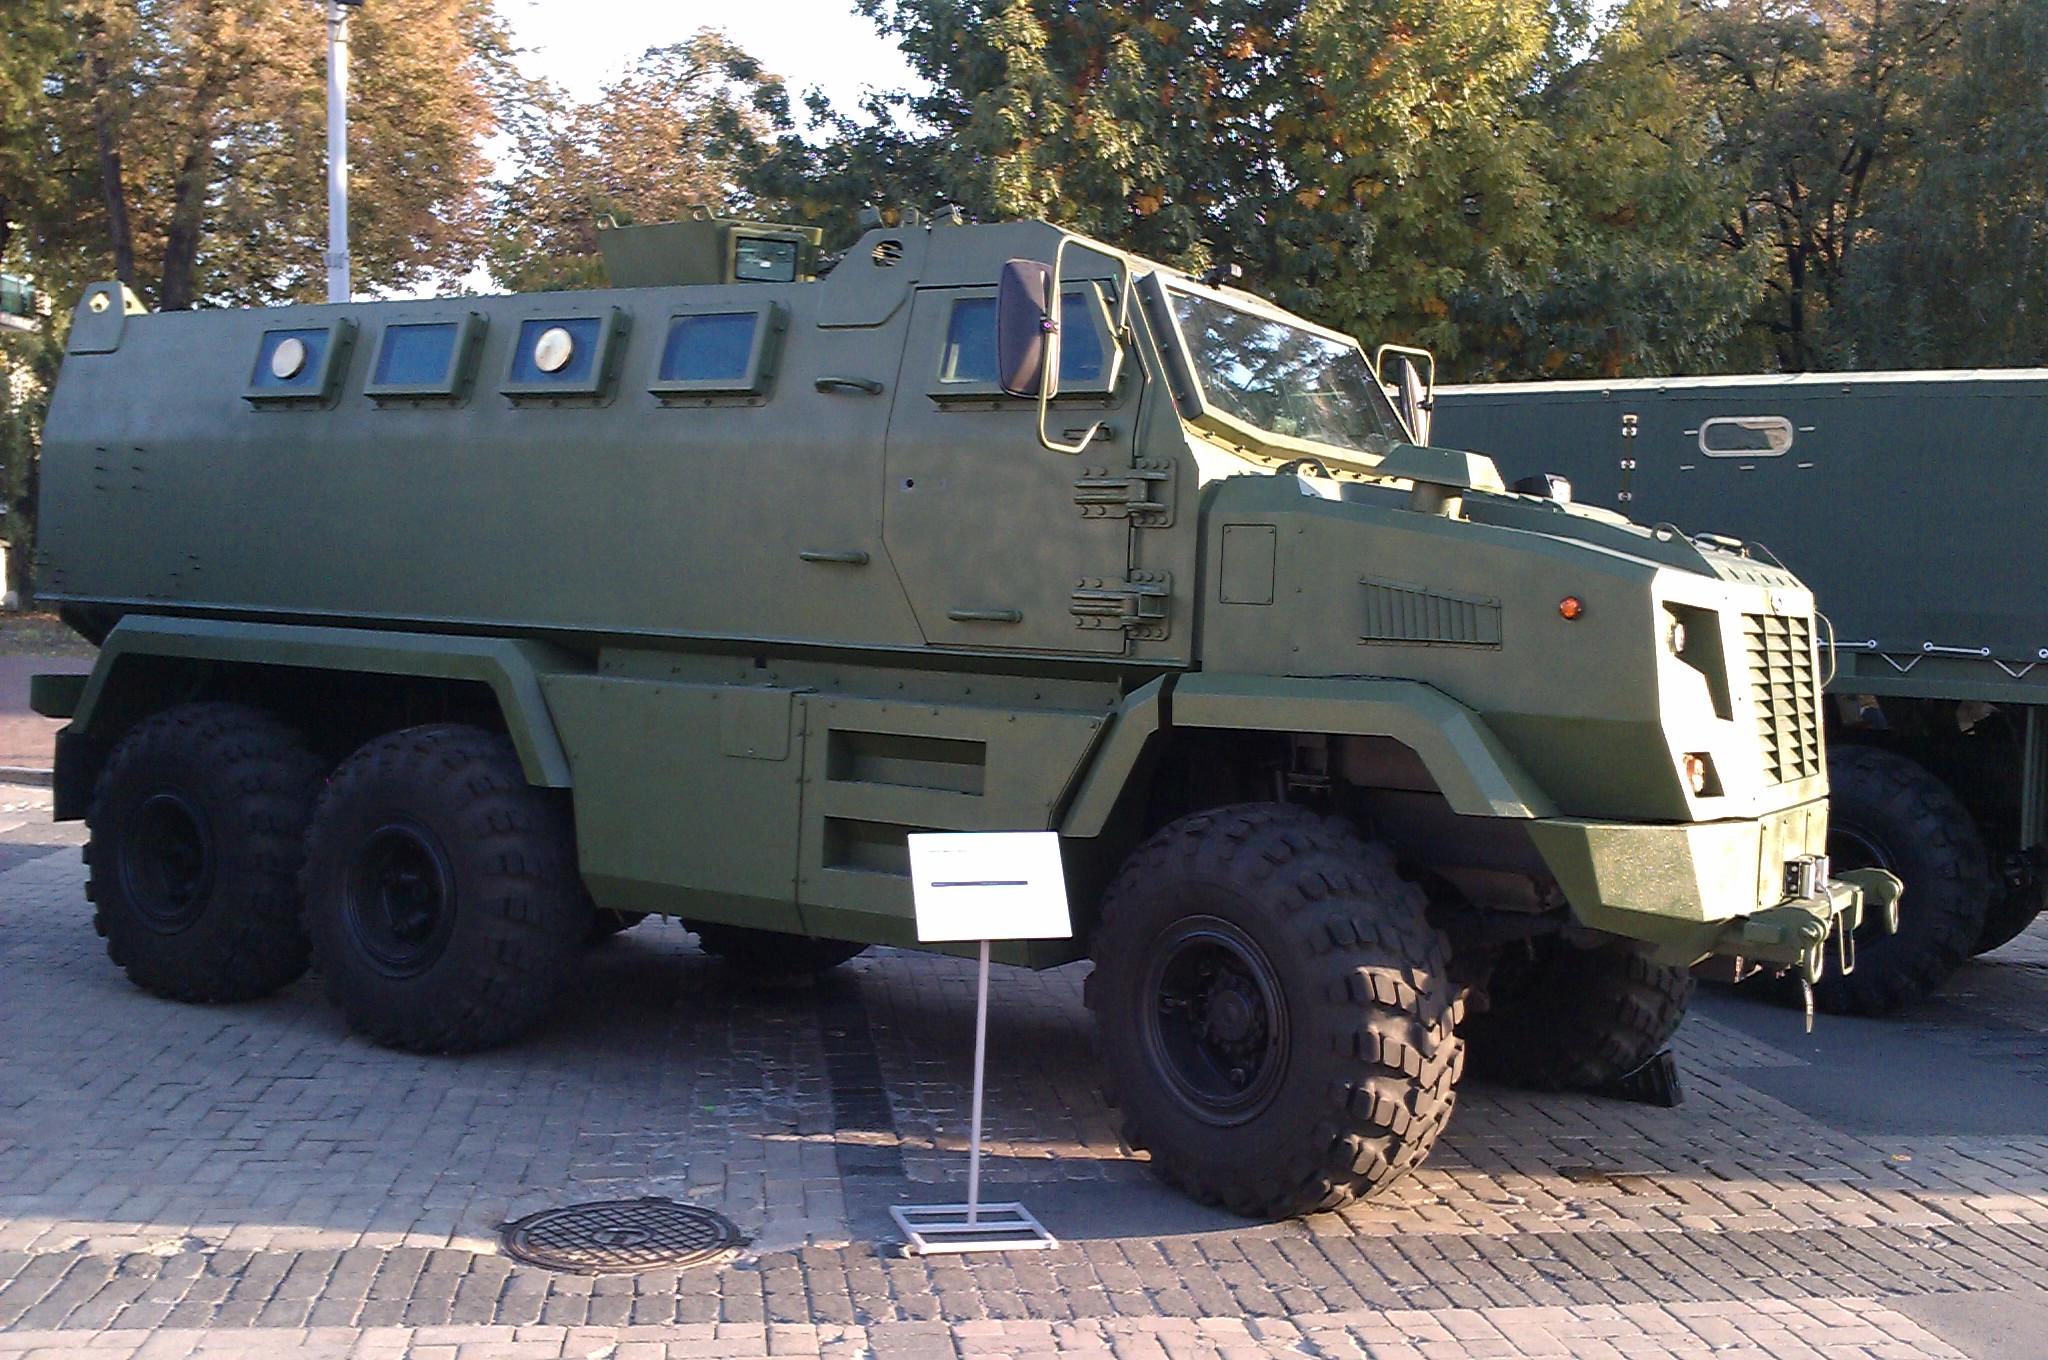 اخر تطورات صفقة مدرعات BTR-4 الاوكرانيه للعراق - صفحة 2 KrAZ_Feona_in_Kyiv